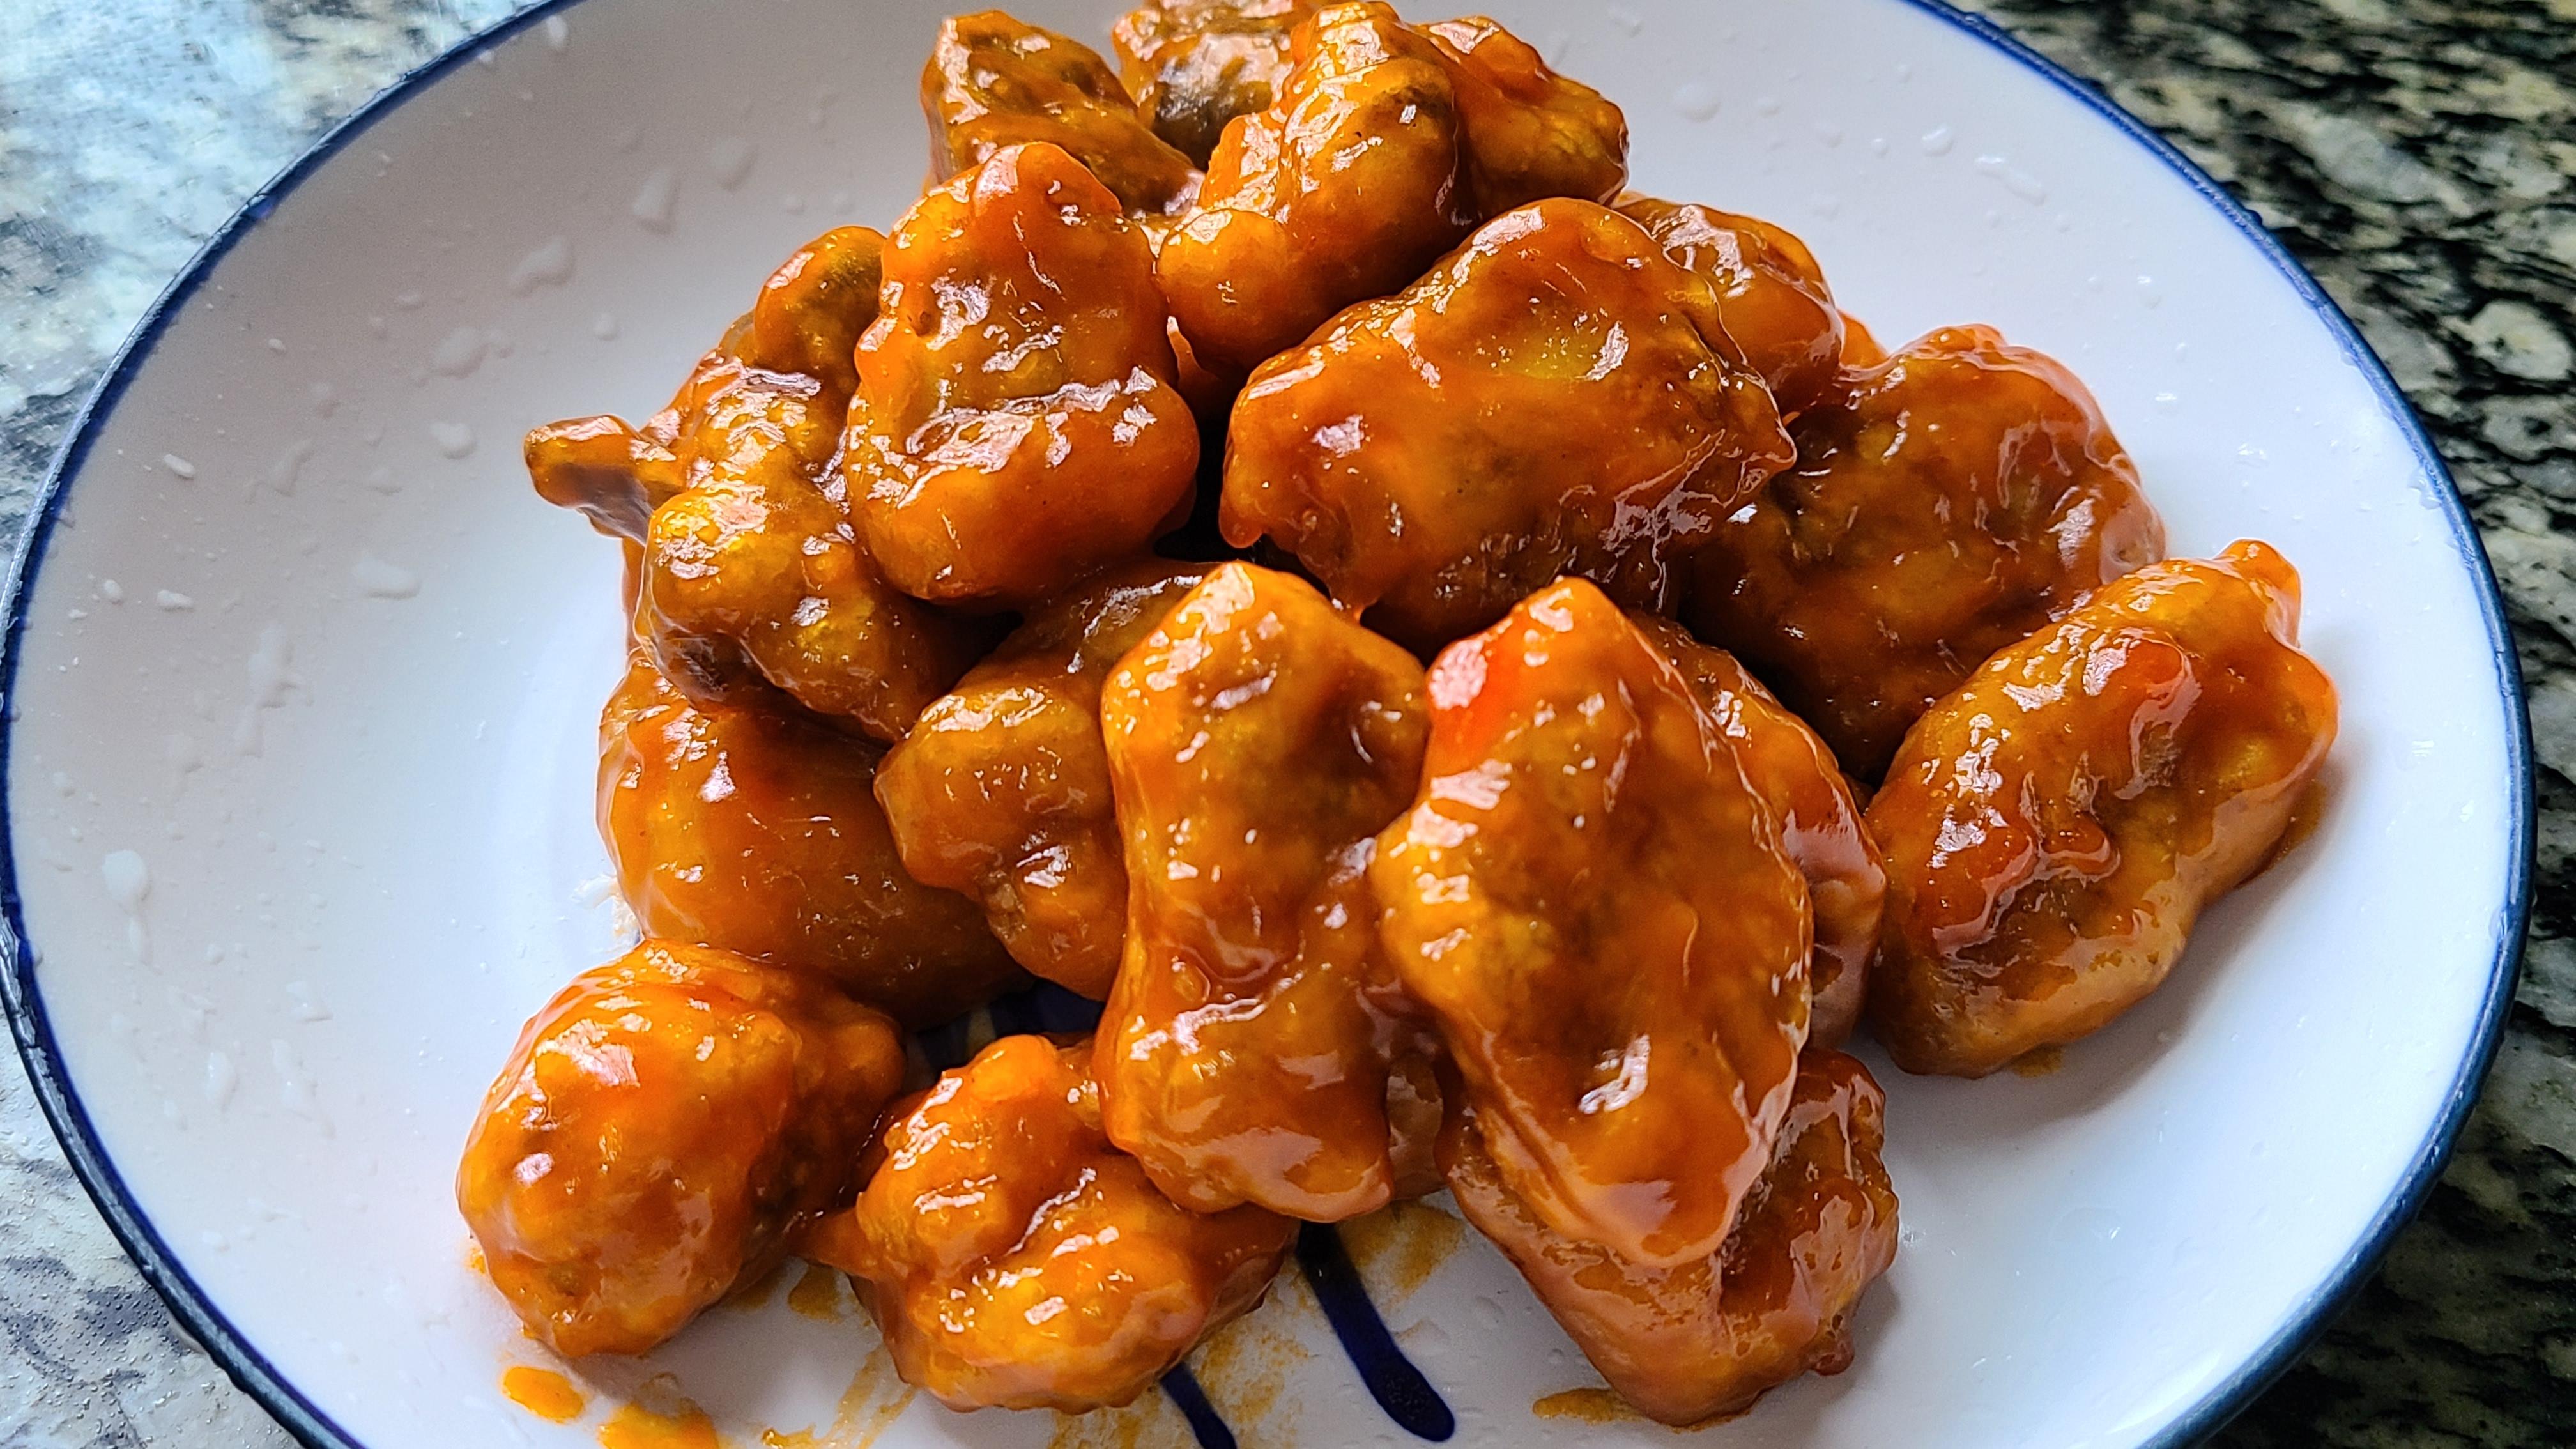 酸甜排骨的做法,學會了這道家常菜,家里人都喜歡吃,太香了